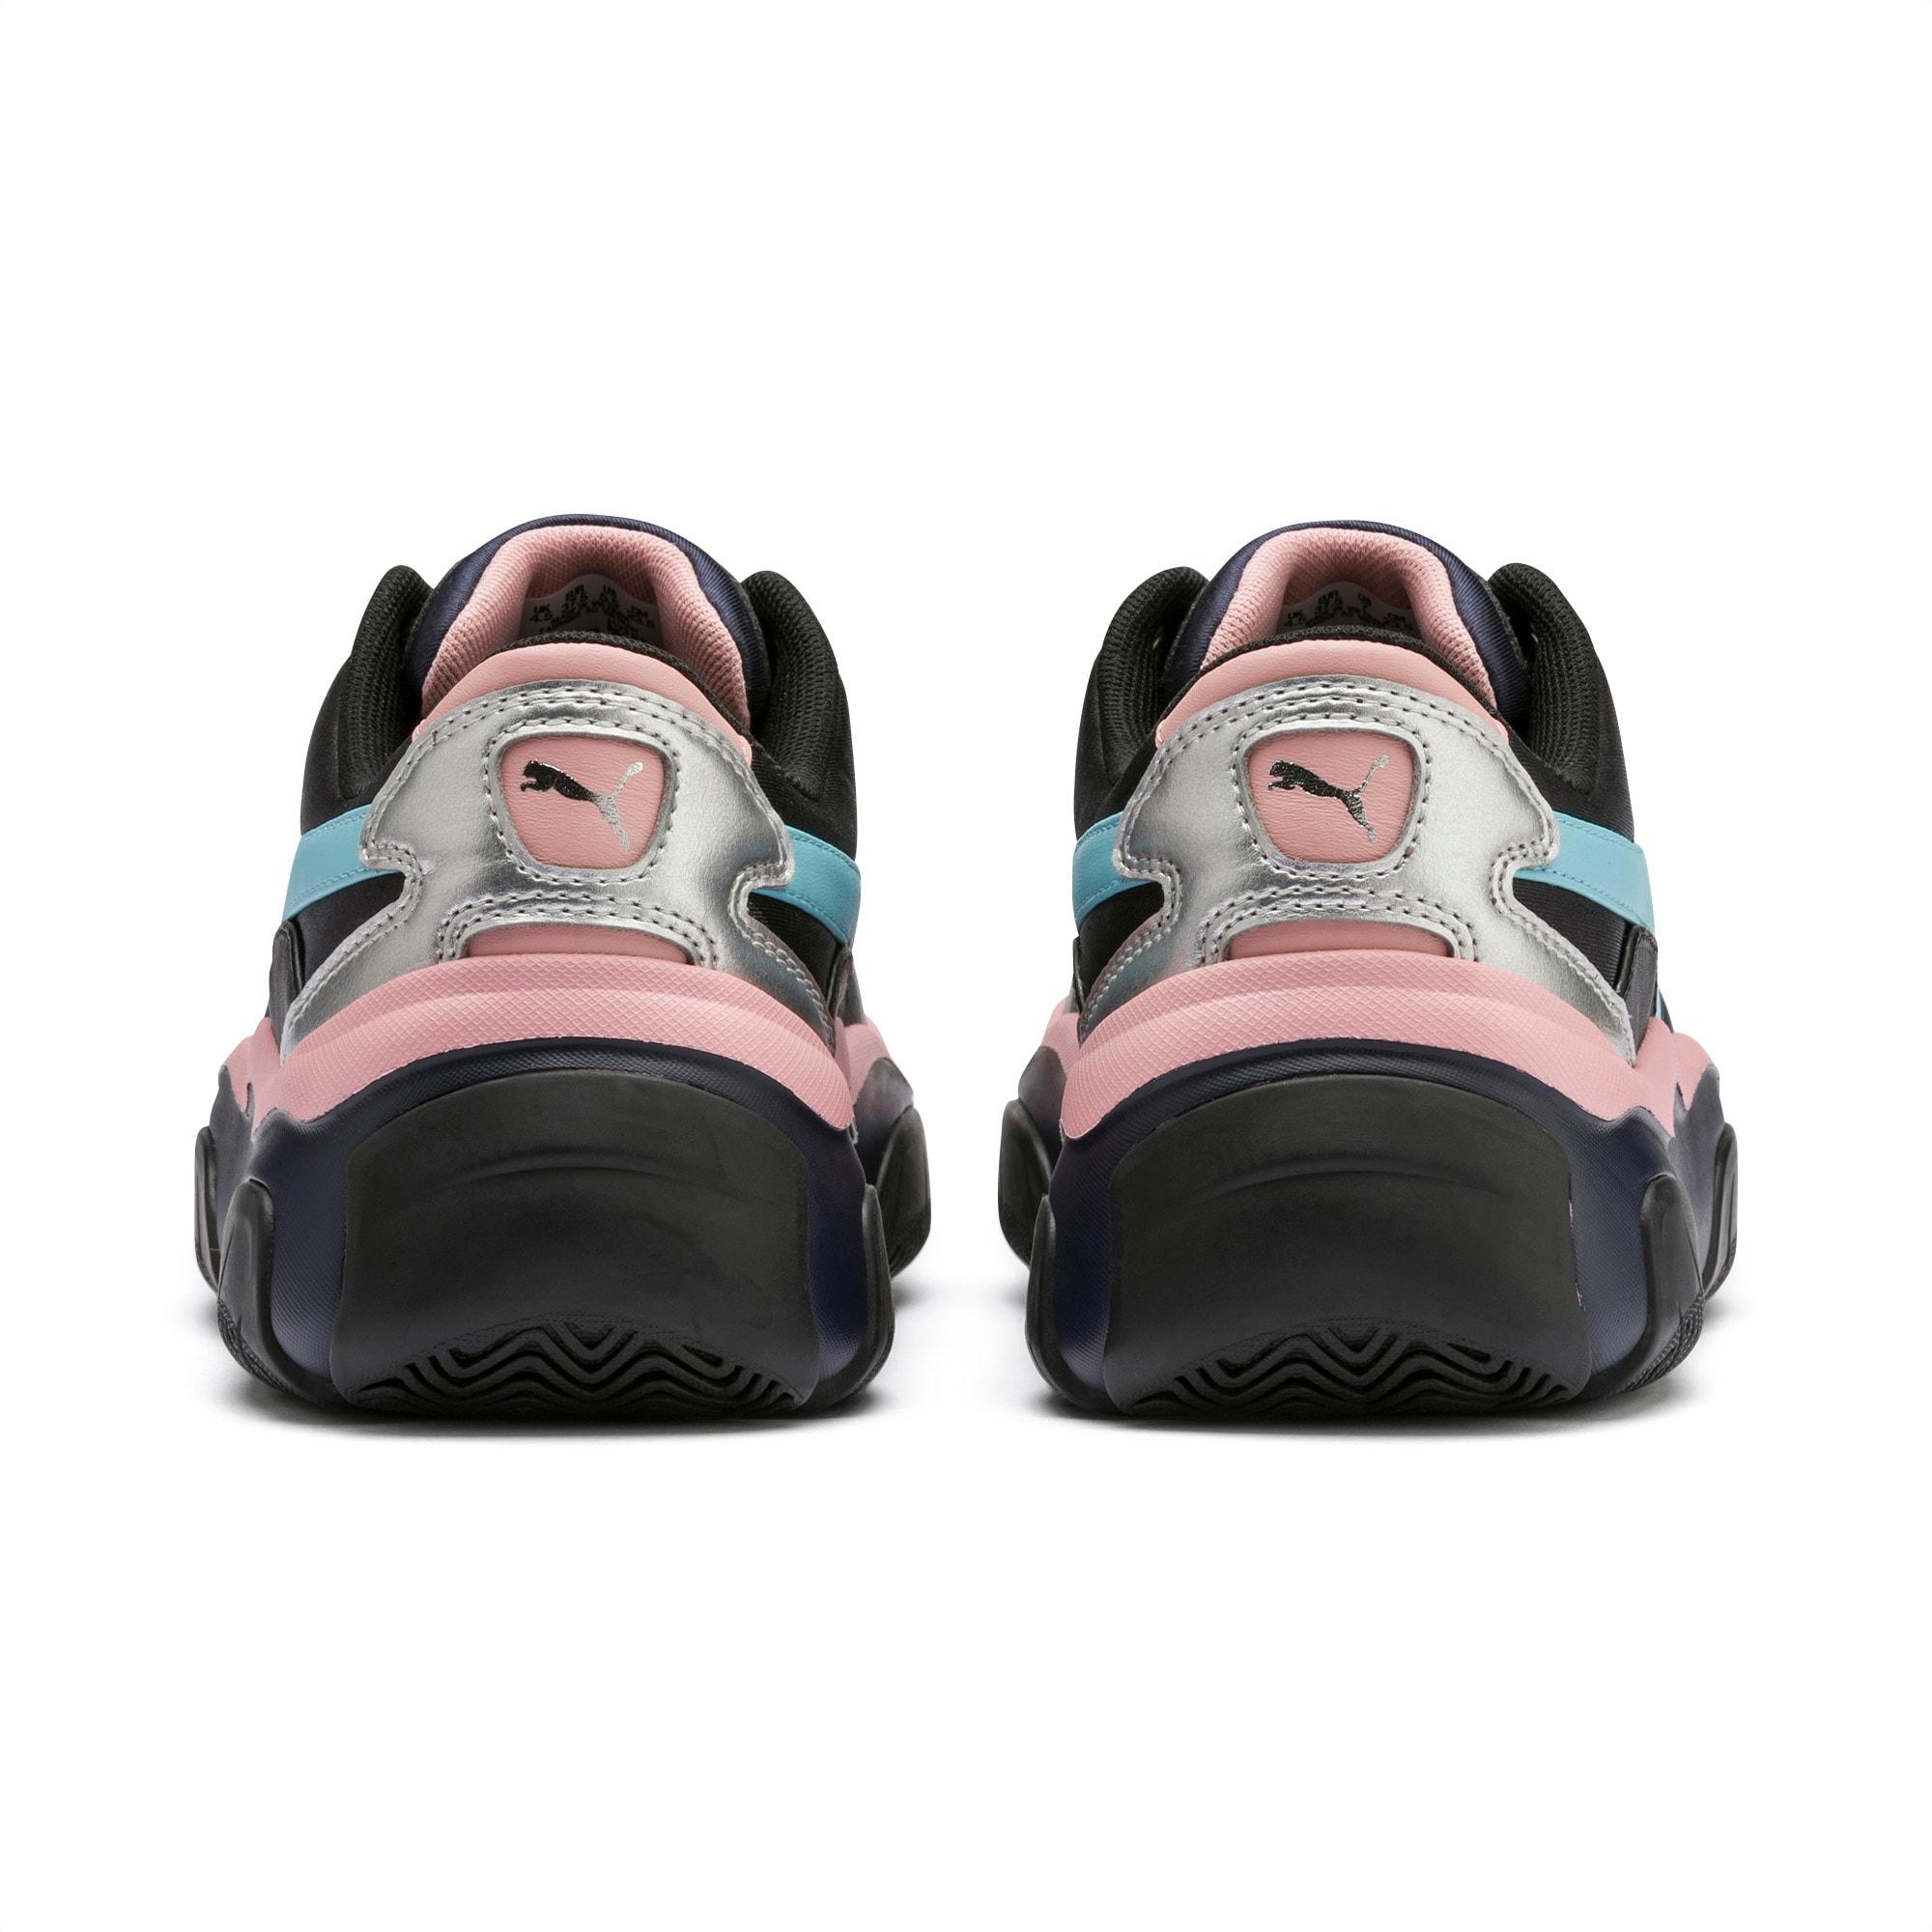 Puma STORM.Y Metallic Sneakers Black